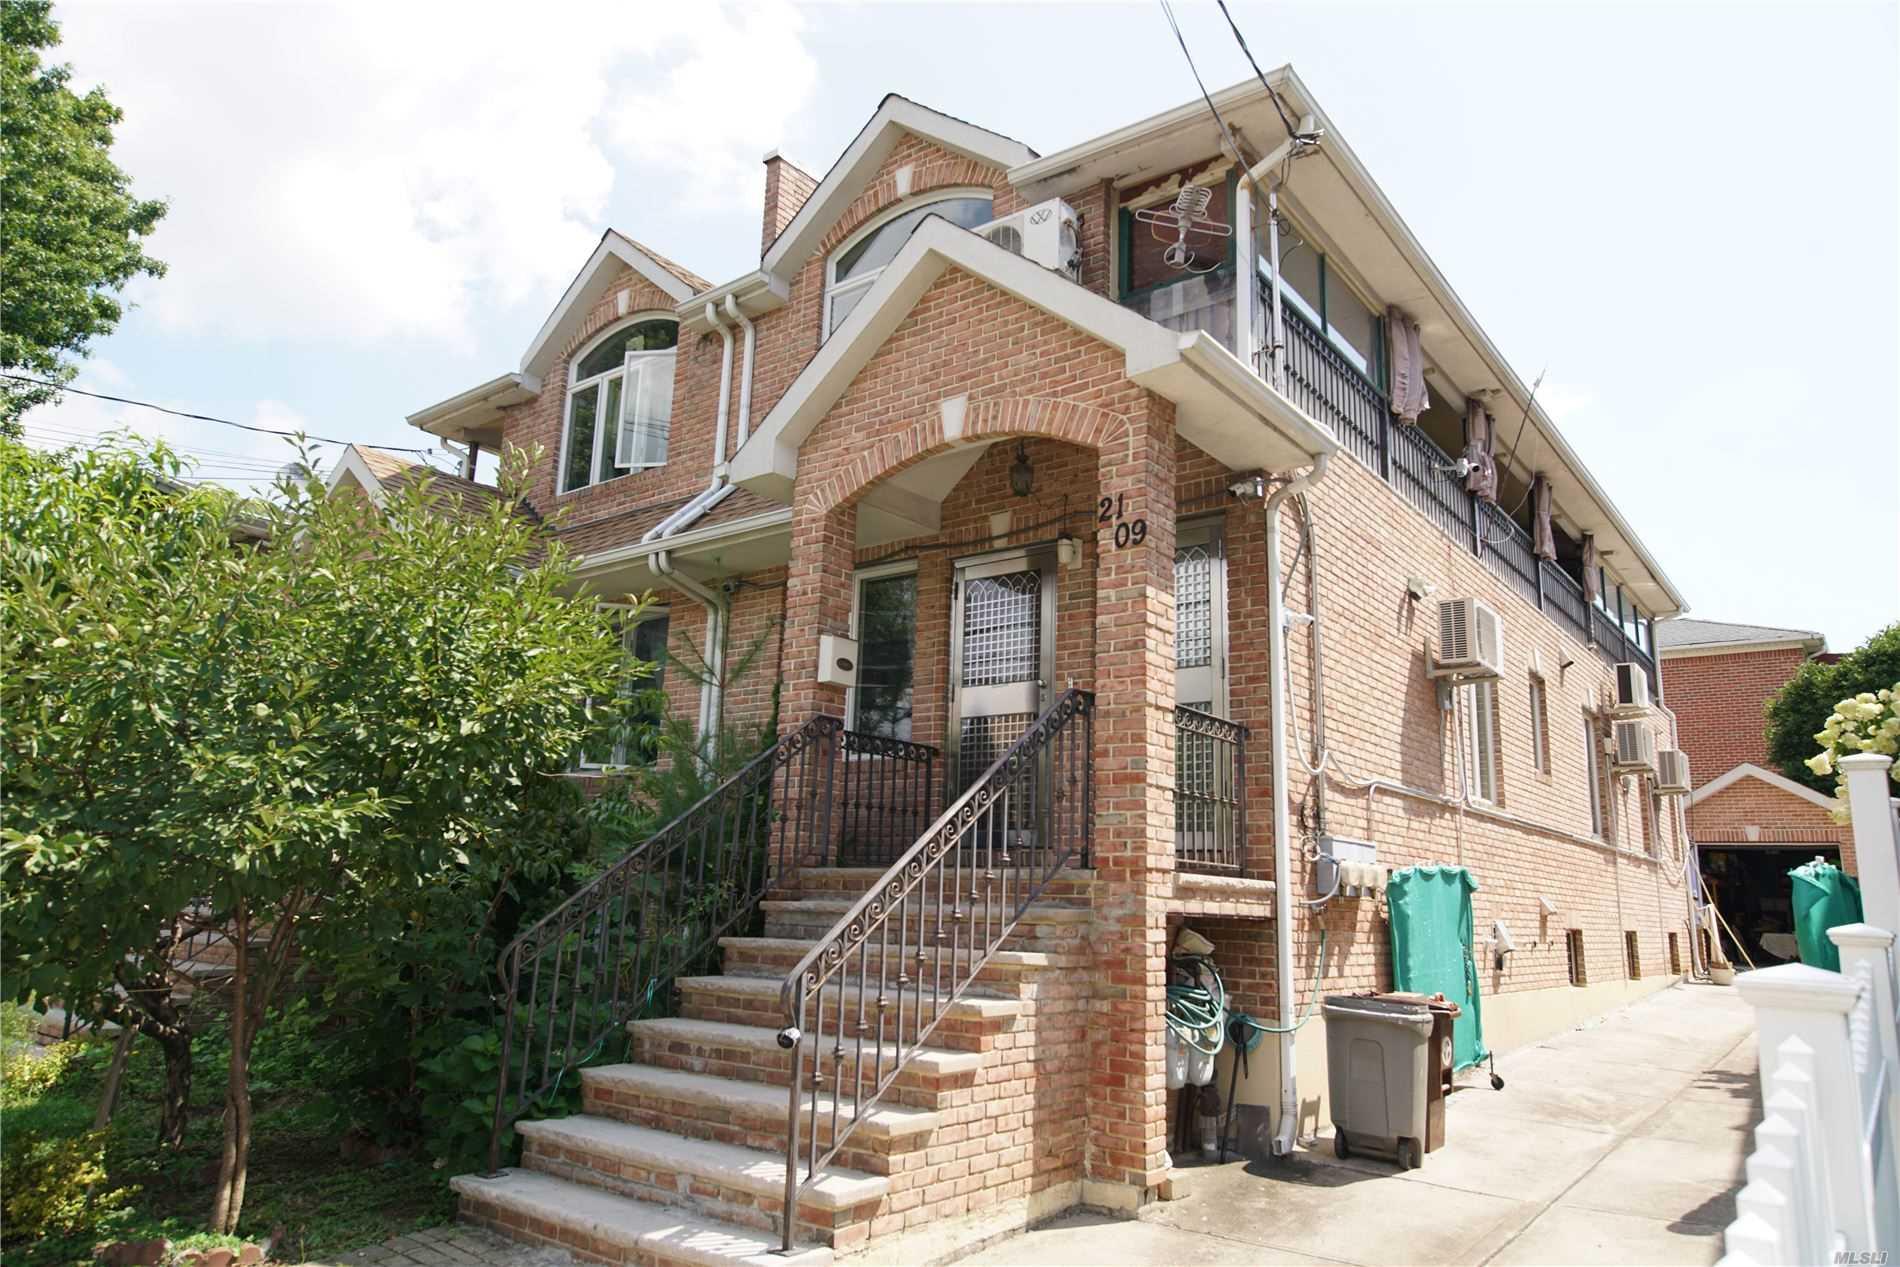 Property for sale at 21-09 149 Street, Whitestone NY 11357, Whitestone,  New York 11357